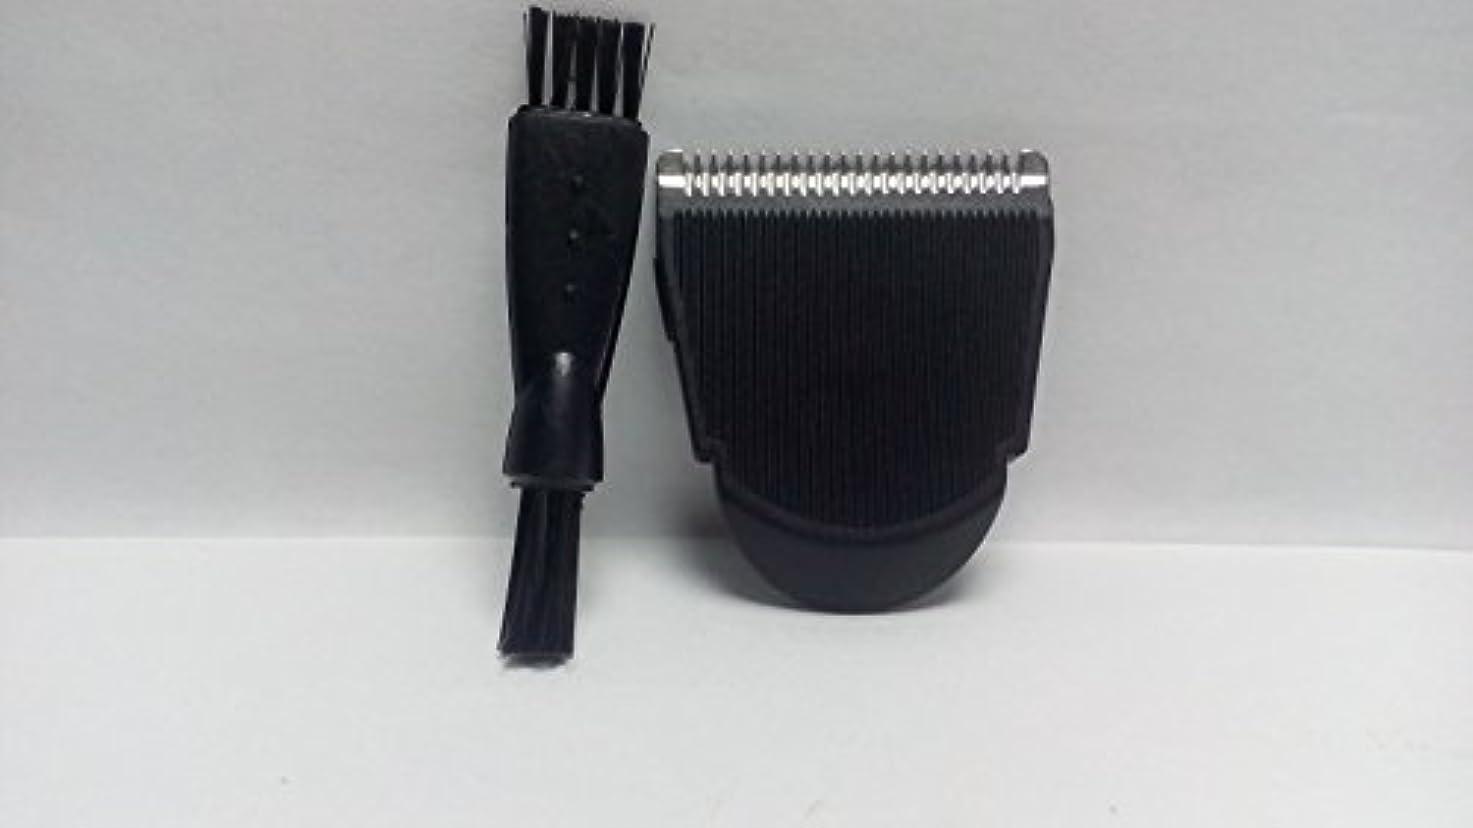 絶滅させる膜最初はシェーバーヘッドバーバーブレード フィリップス Philips QC5510 QC5530 QC5550 QC5560 QC5570 QC5580 フィリップス ノレッコ ワン?ブレード 交換用ブレード Shaver Razor Head Blade clipper Cutter